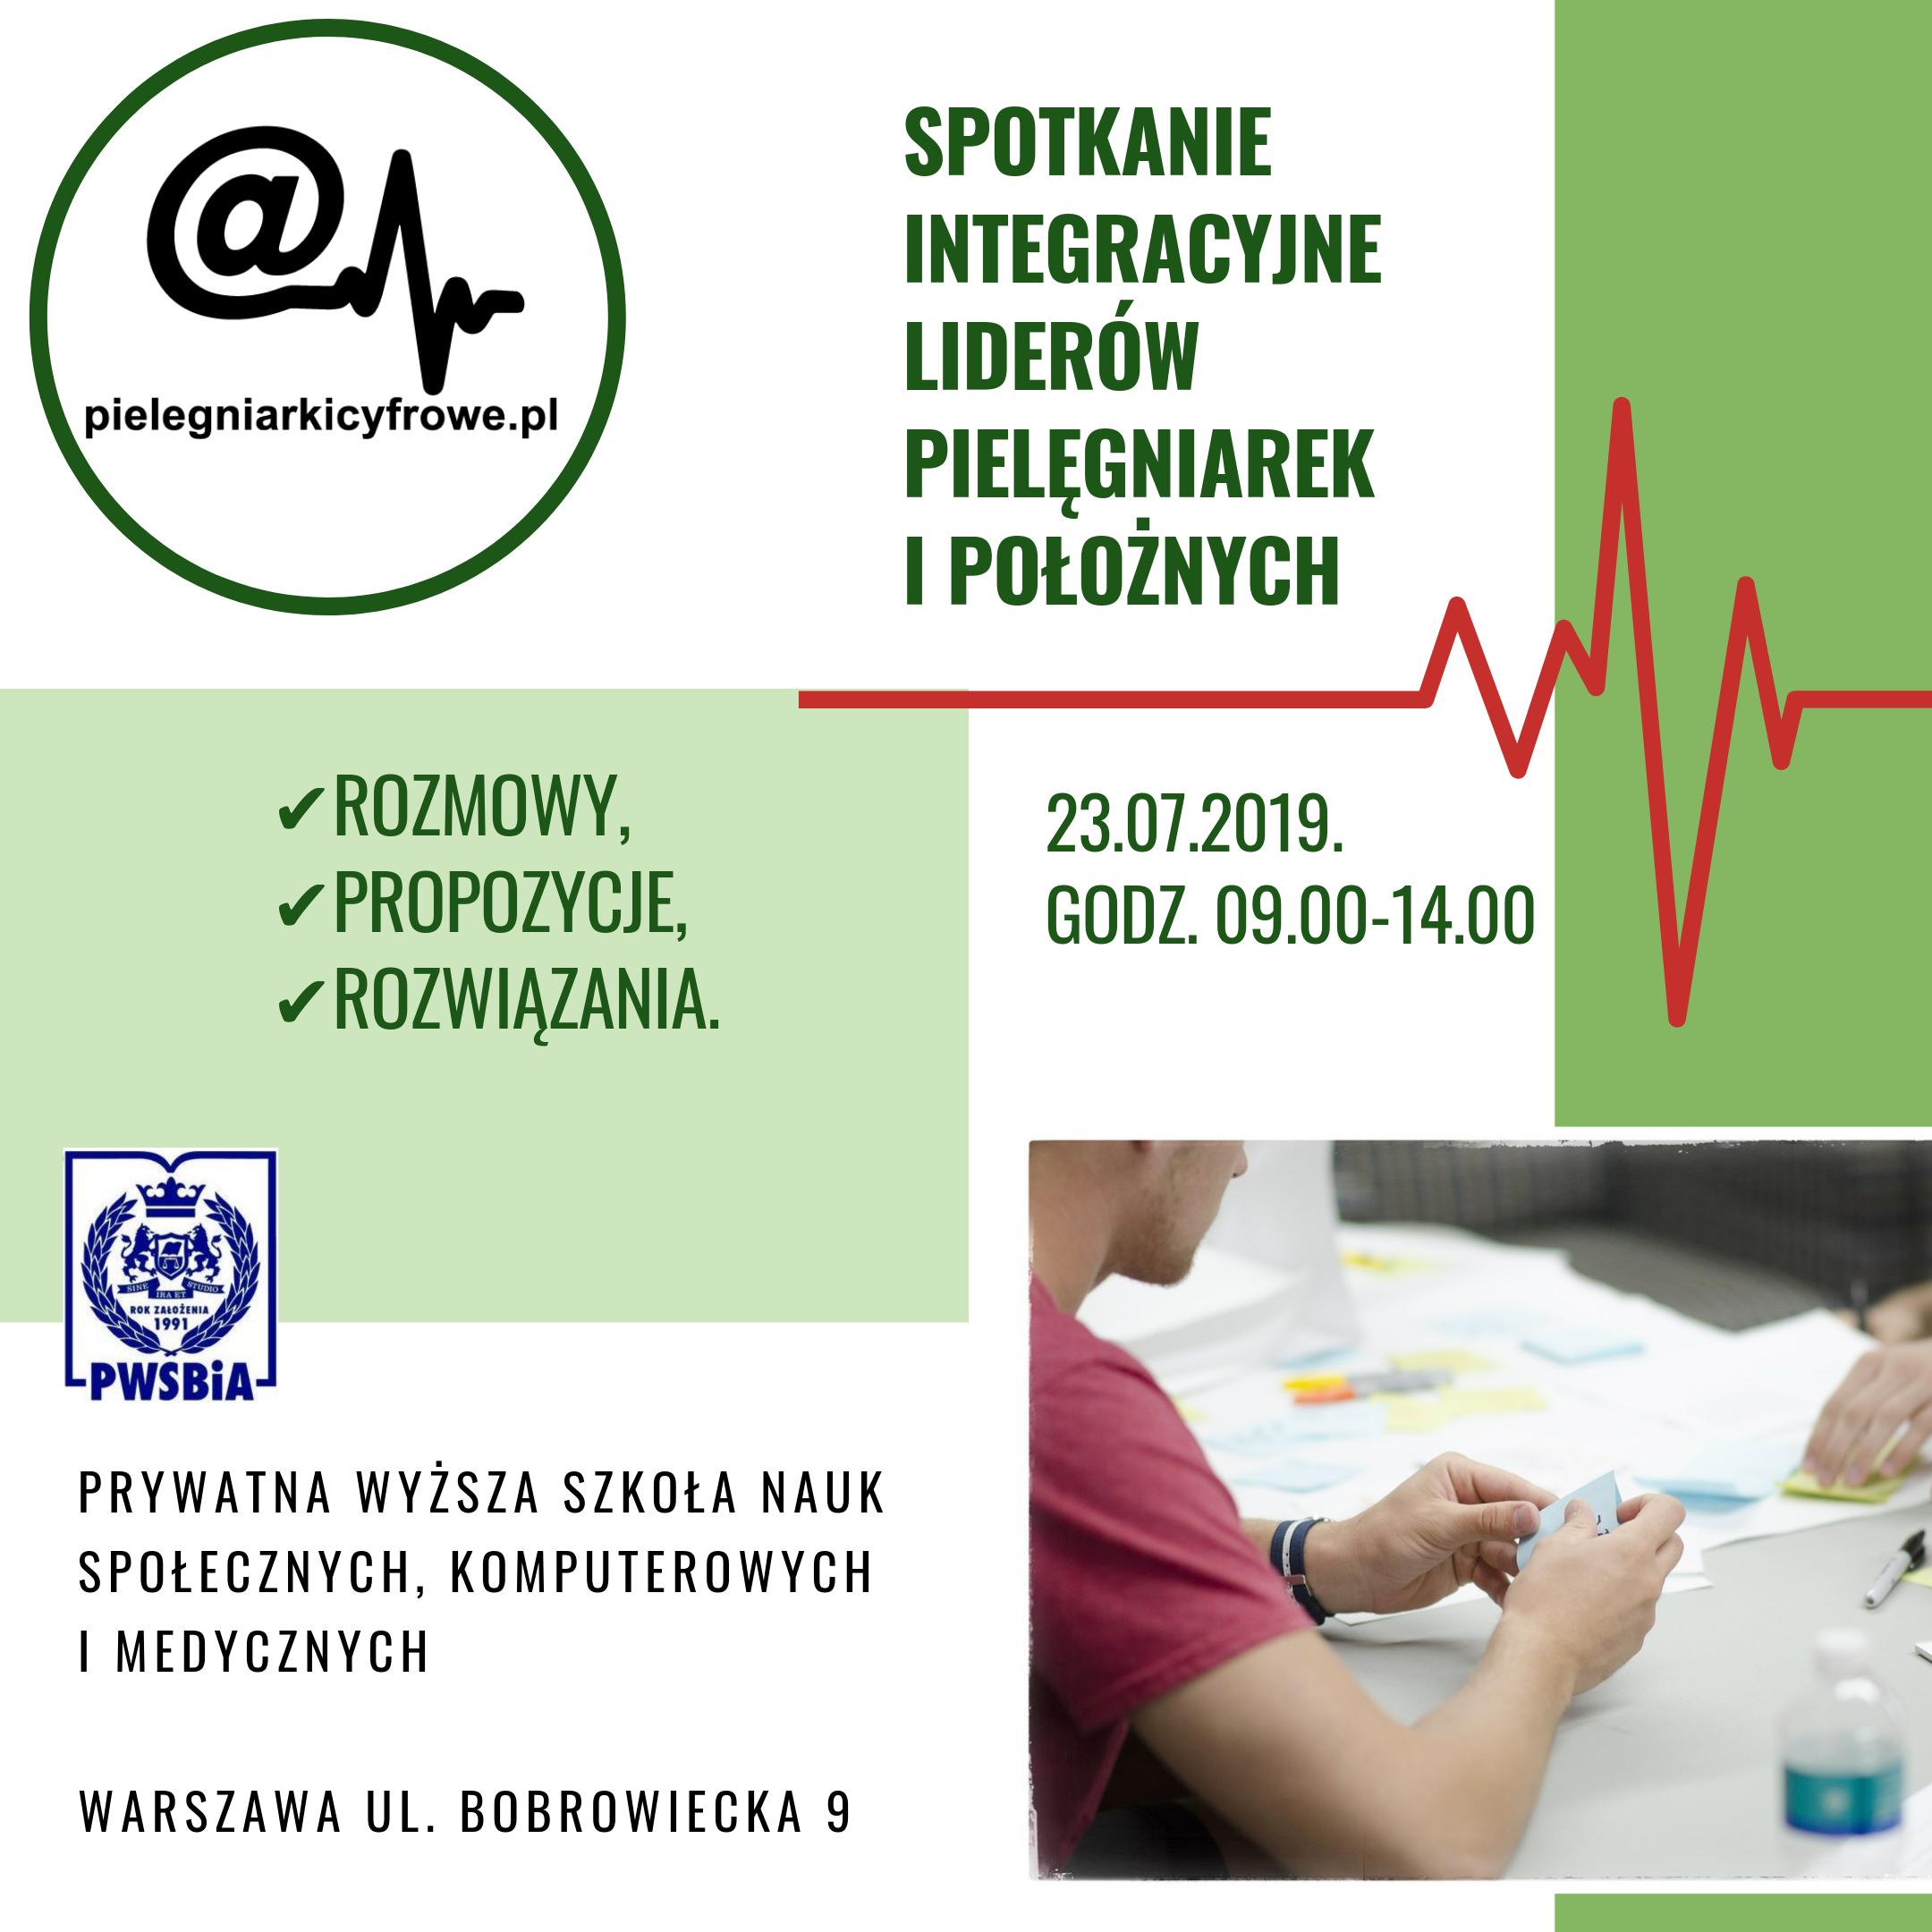 Spotkanie Integracyjne Liderów Pielęgniarek i Położnych.